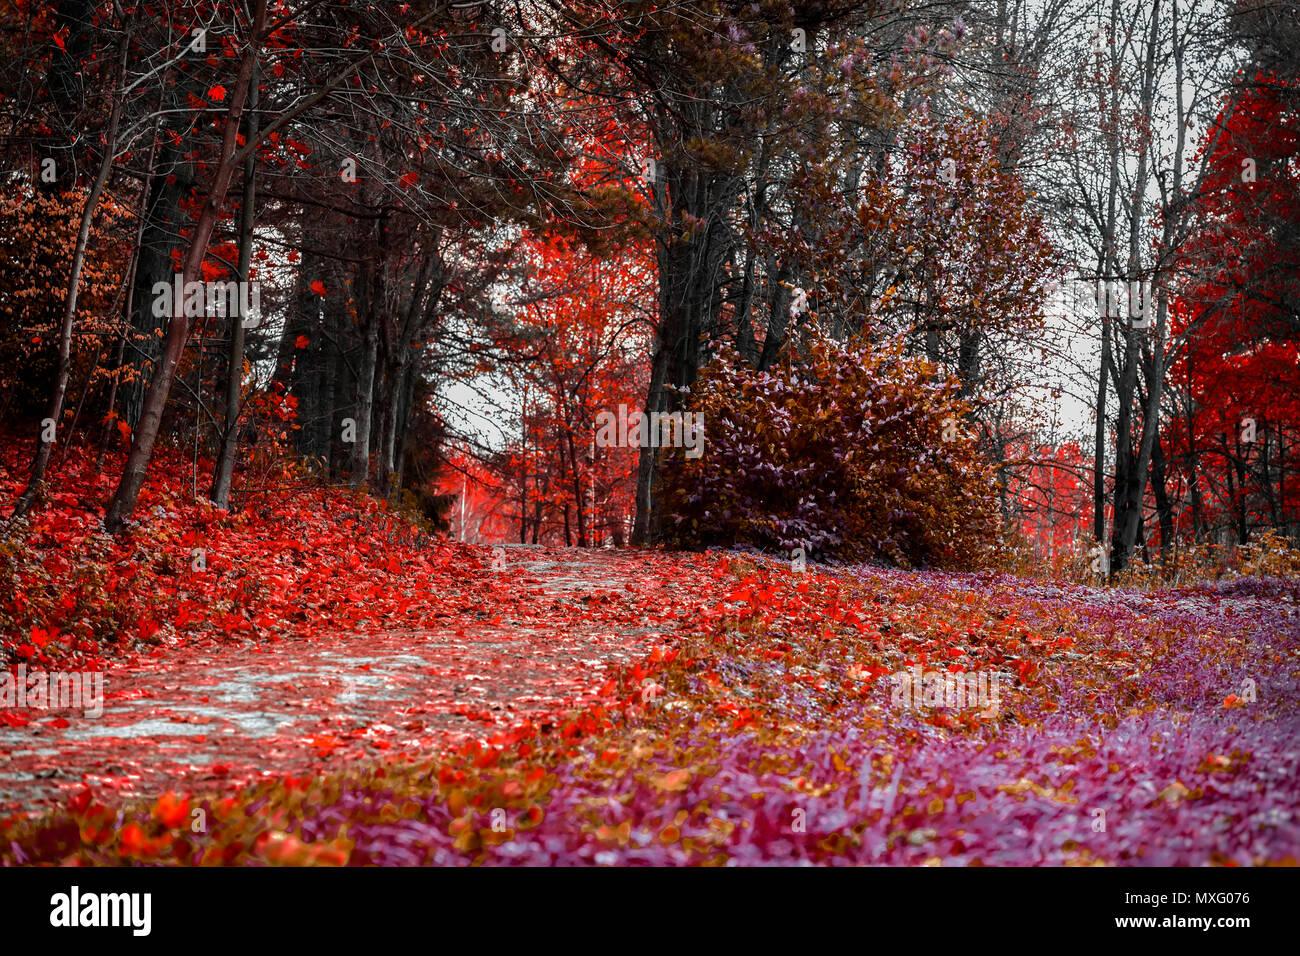 Colori luminosi di caduta. Percorso di foresta con molte foglie cadute, scarlatto paesaggio autunnale nel vecchio parco. Passeggiate, umore, nostalgia concept Immagini Stock